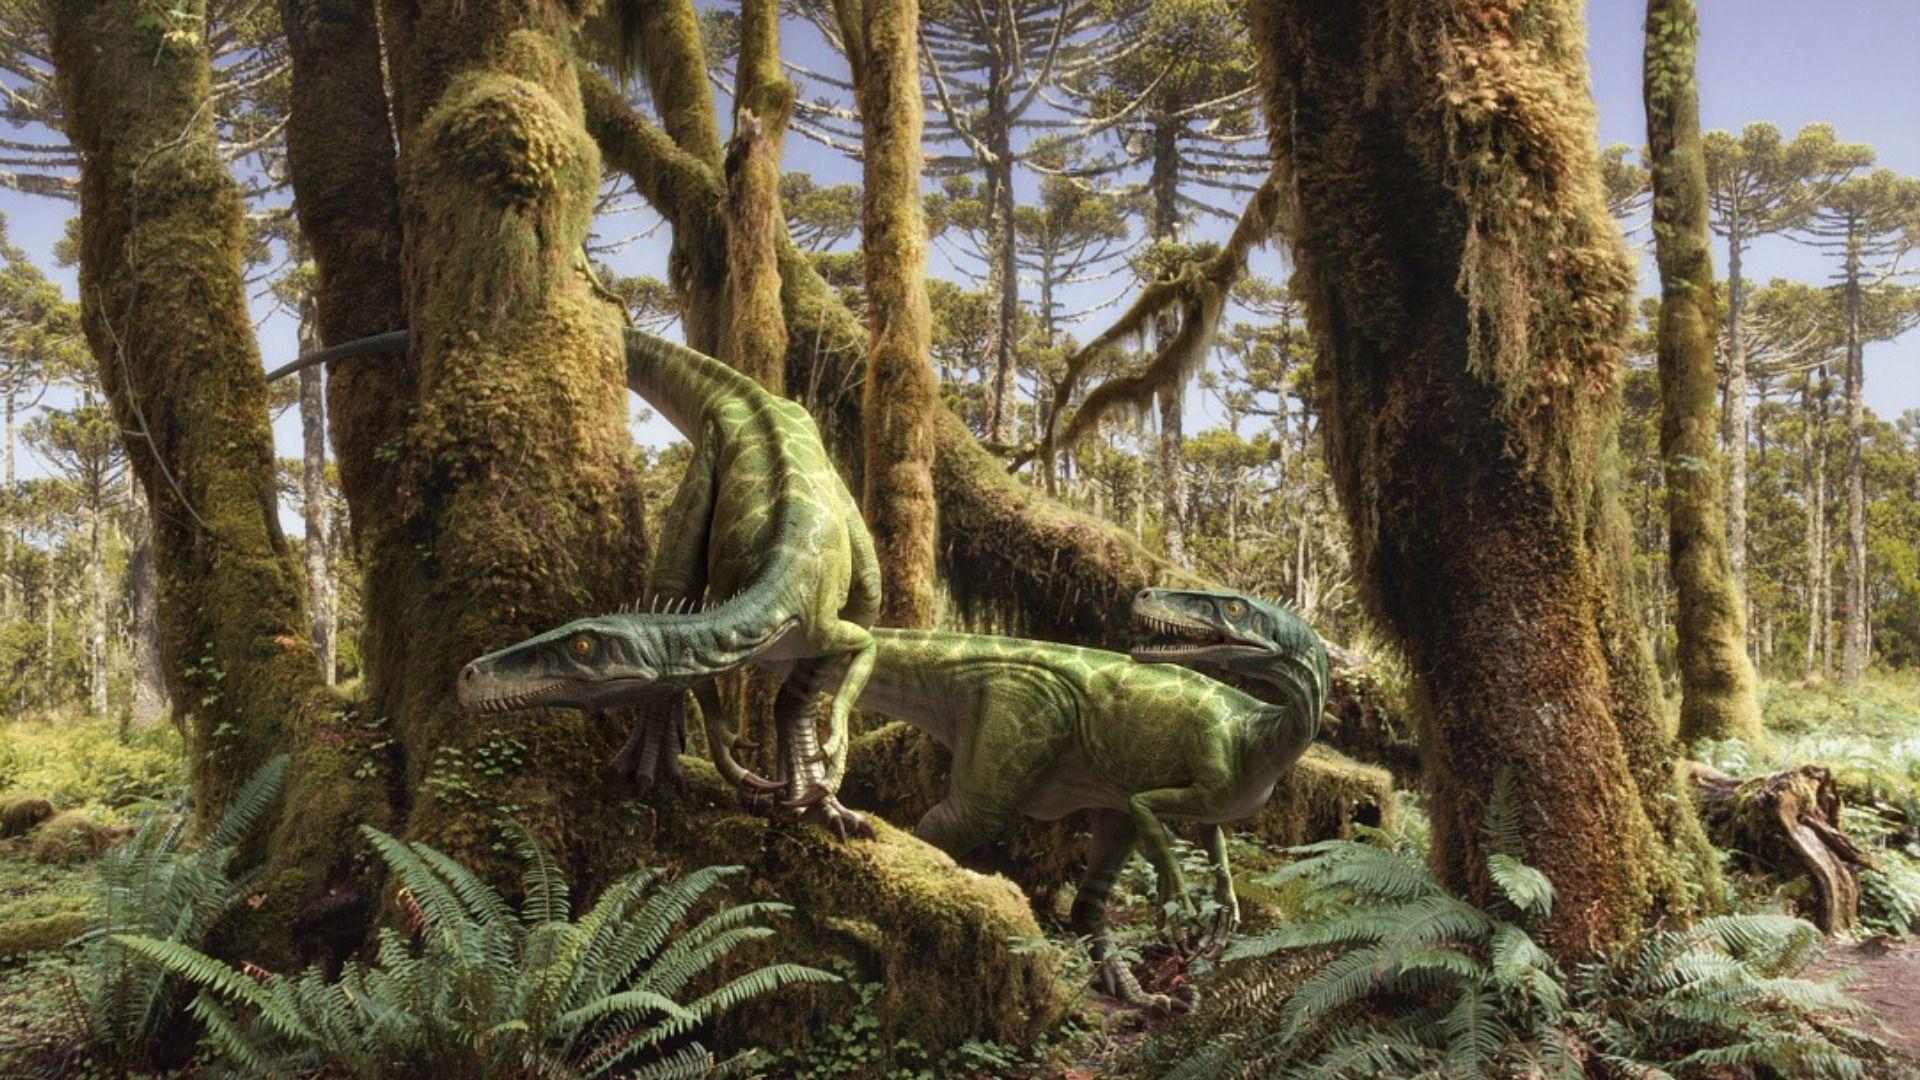 fonds d'écran dinosaure : tous les wallpapers dinosaure | dinosaurs